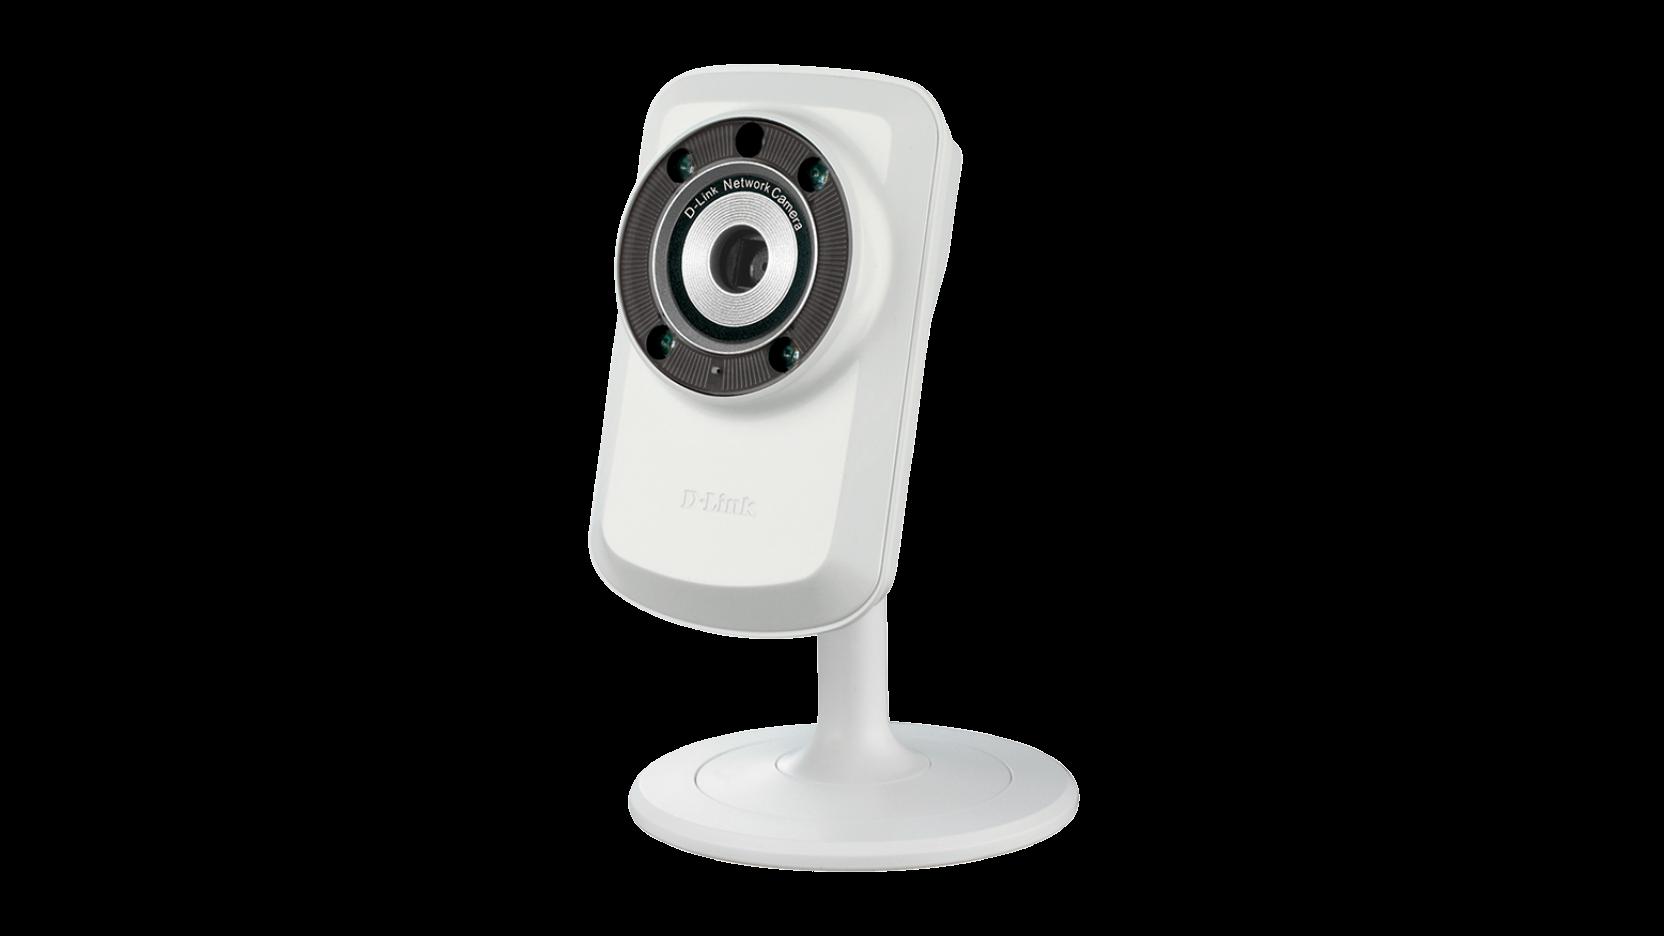 D-Link DCS-932L Network Camera Download Driver